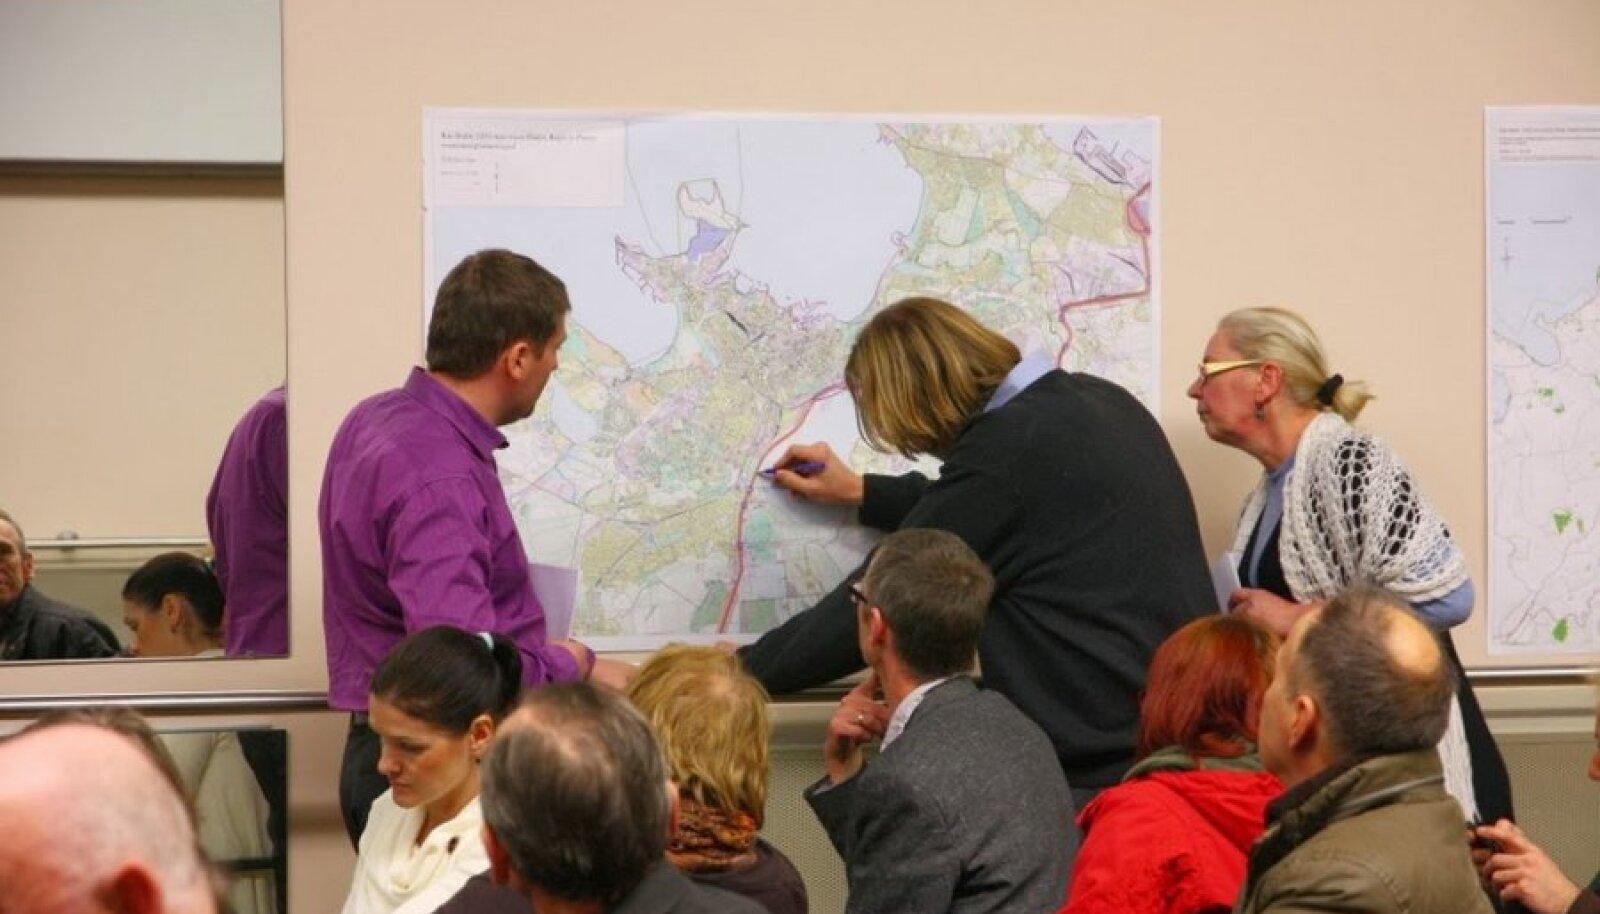 Indrek Luberg tegi ettepaneku, et võimalik Nõmmet läbiv trass võiks kulgeda ka mööda Ülemiste järve äärset metsa ning ületada Viljandi maantee elamupiirkonnast kaugemal.